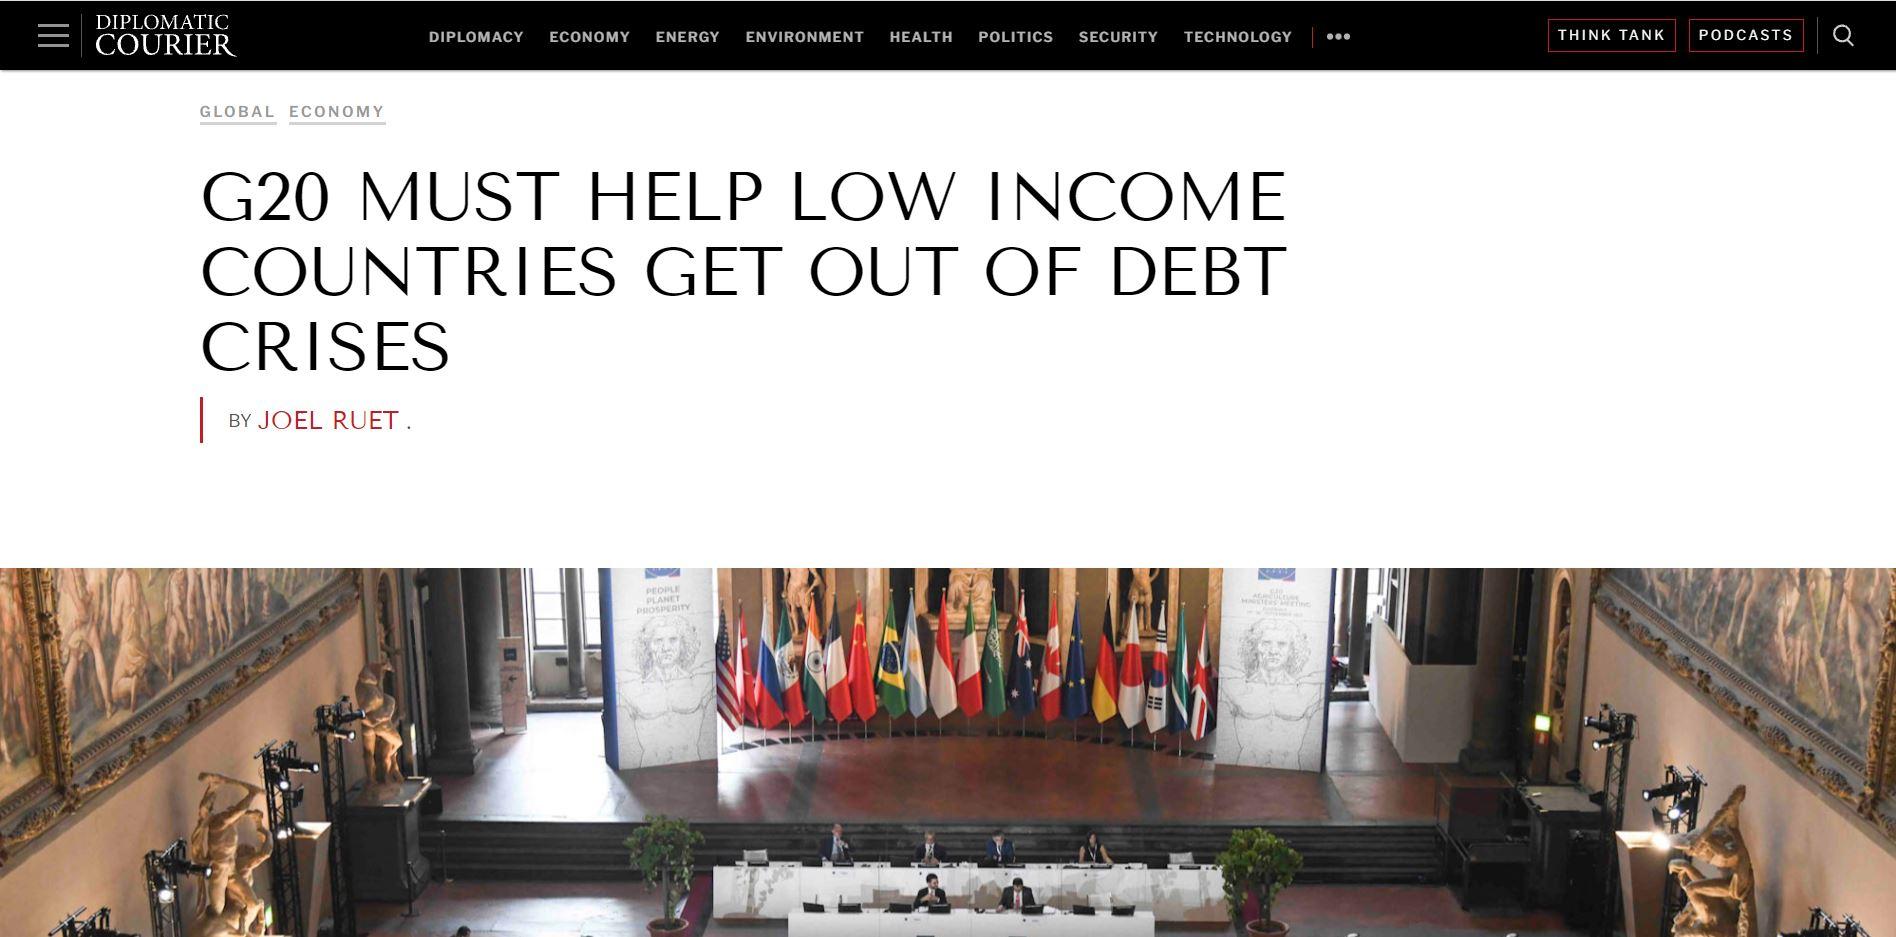 Tribune : Le G20 doit aider les pays à faible revenu à sortir de la crise de la dette